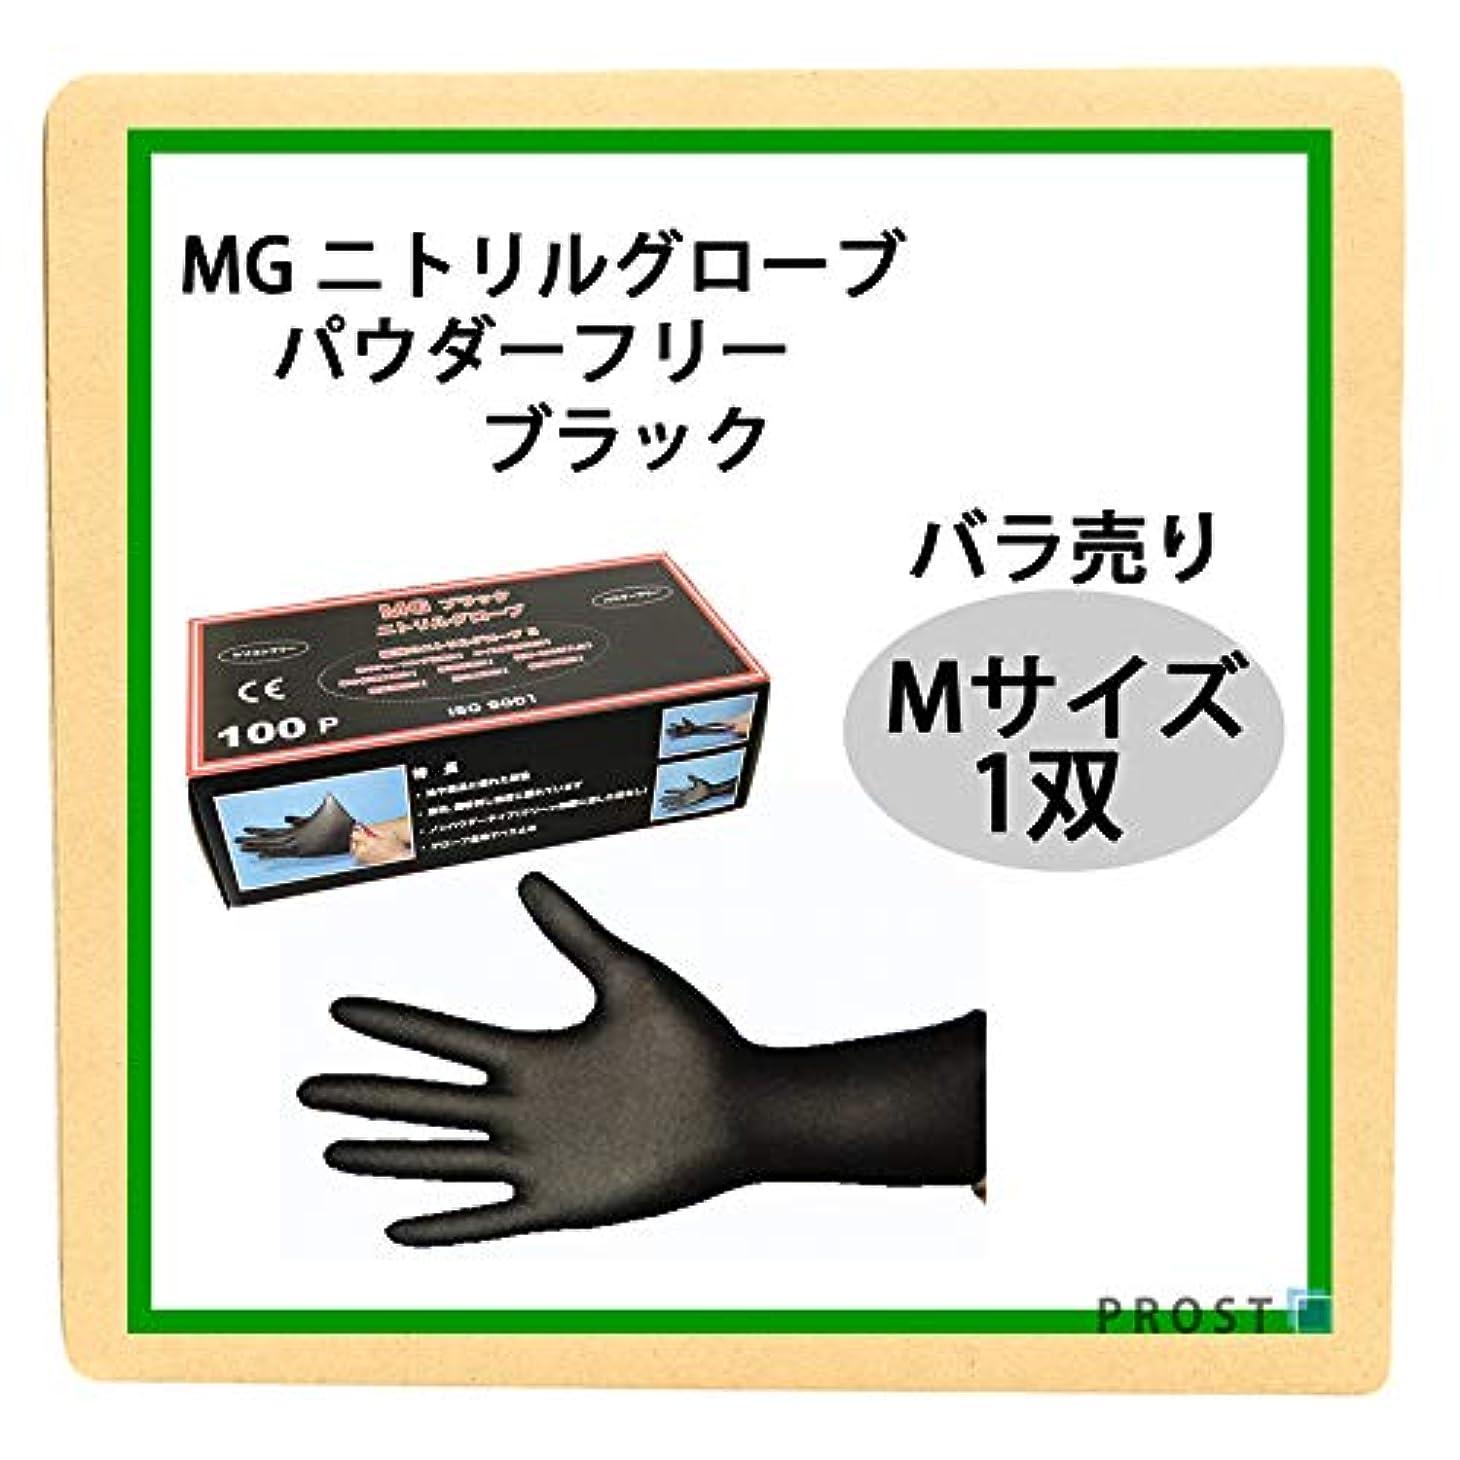 フィドル愛ボトルネックMG ニトリルグローブ ブラック パウダー フリー Mサイズ 1双/ニトリル手袋 ゴム手袋 塗装 オイル ニトリルゴム